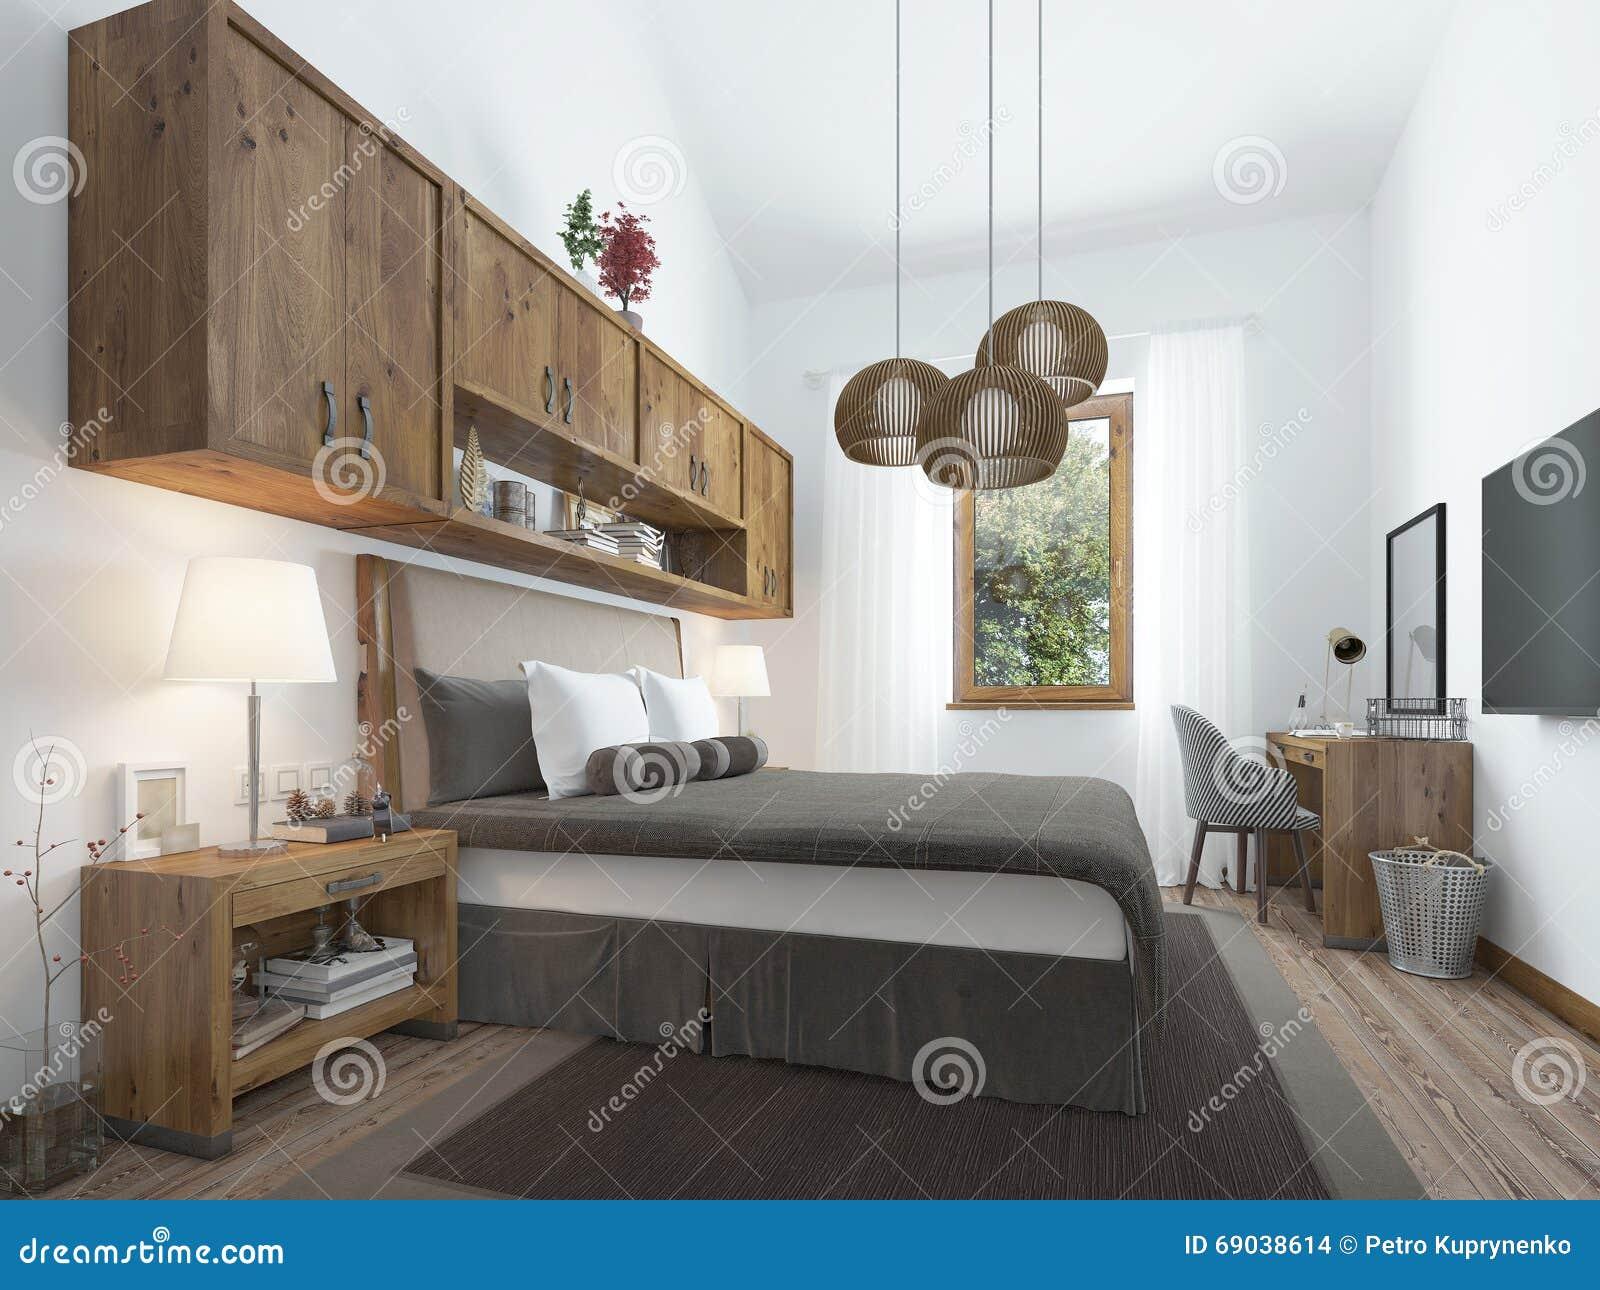 Schlafzimmer dachboden ähnlich mit holzmöbel und weißen wänden ...